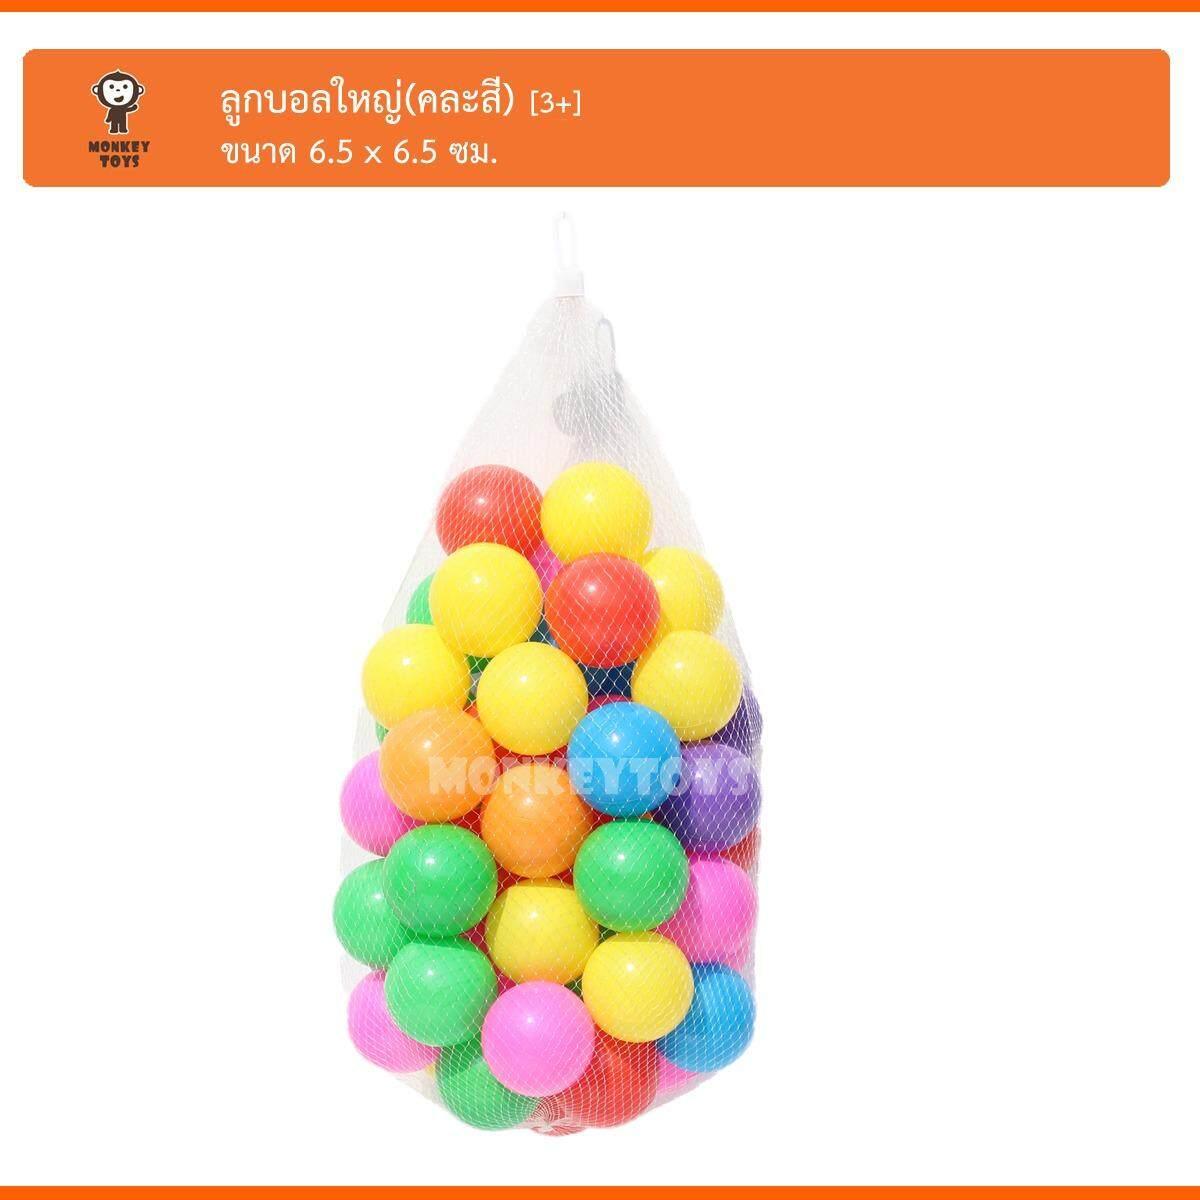 Monkey Toys บอล 50ลูก ลูกใหญ่ (คละสี) Ball 200 บอล 50ลูก Ball-50 Utt01437 By Monkey Toys.